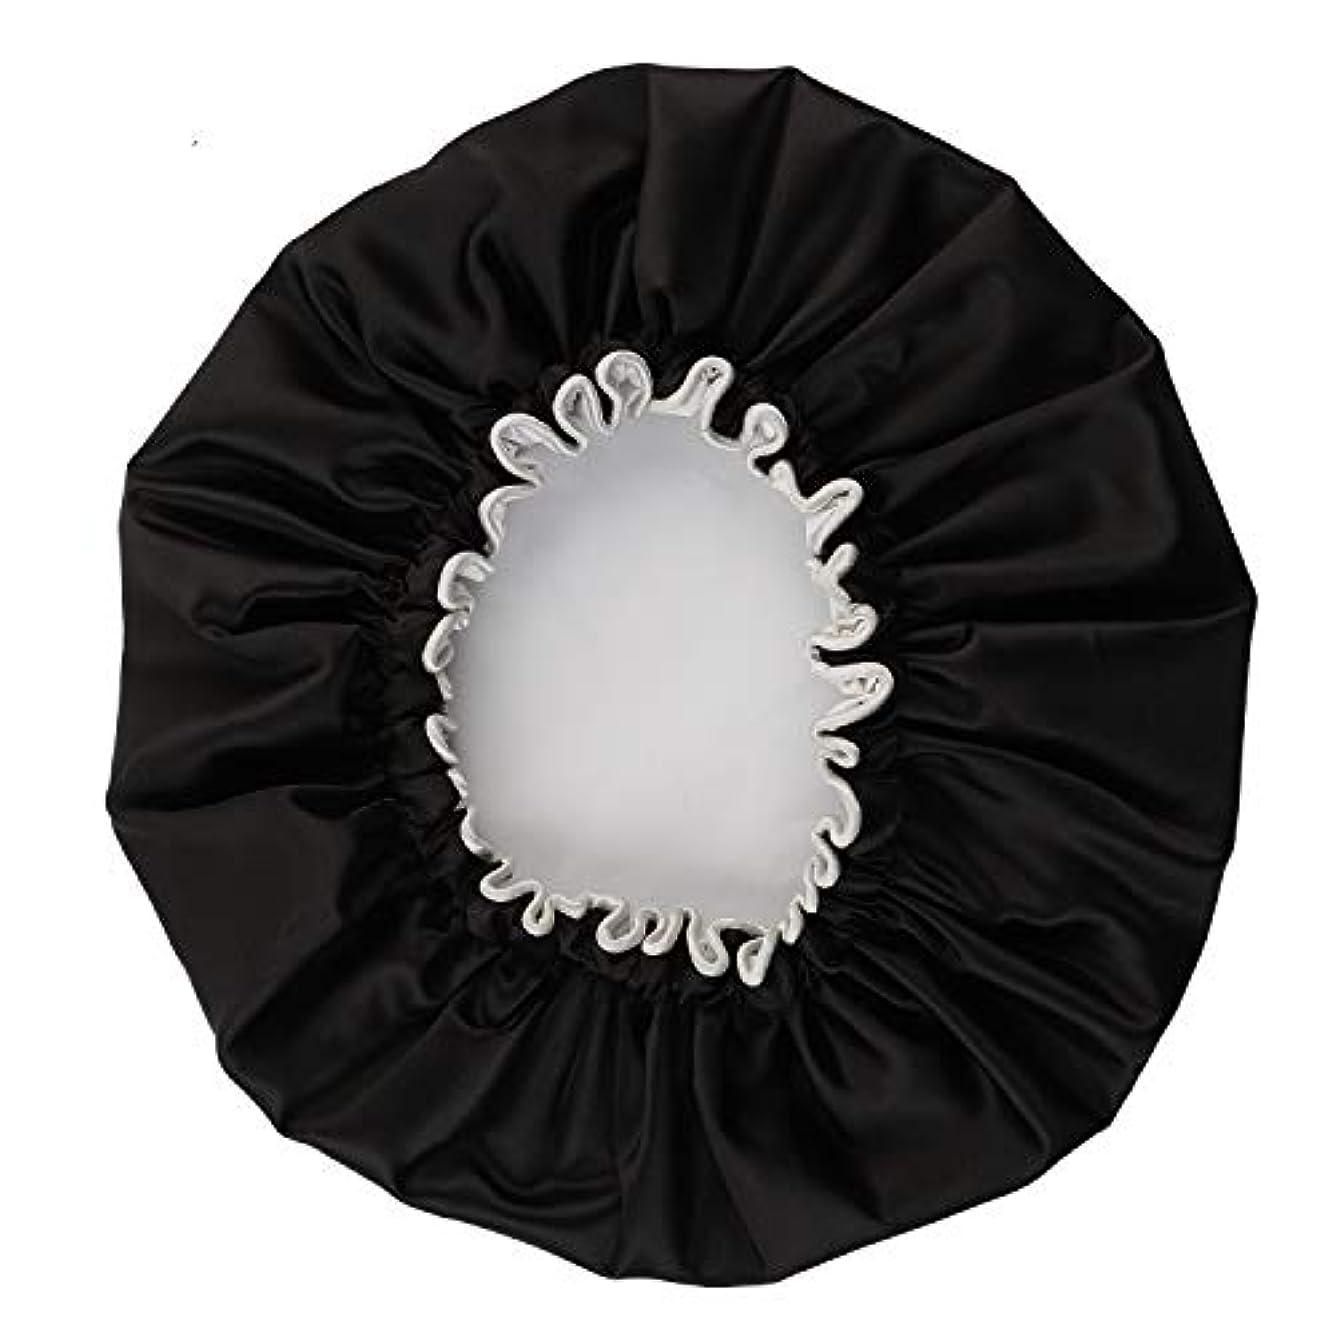 検出する休戦走るNEOVIVA シャワーキャップ 可愛い ヘアキャップ ヘアーキャップ ヘアーターバン 防水帽 入浴キャップ 帽子 お風呂 旅行セット ブラック